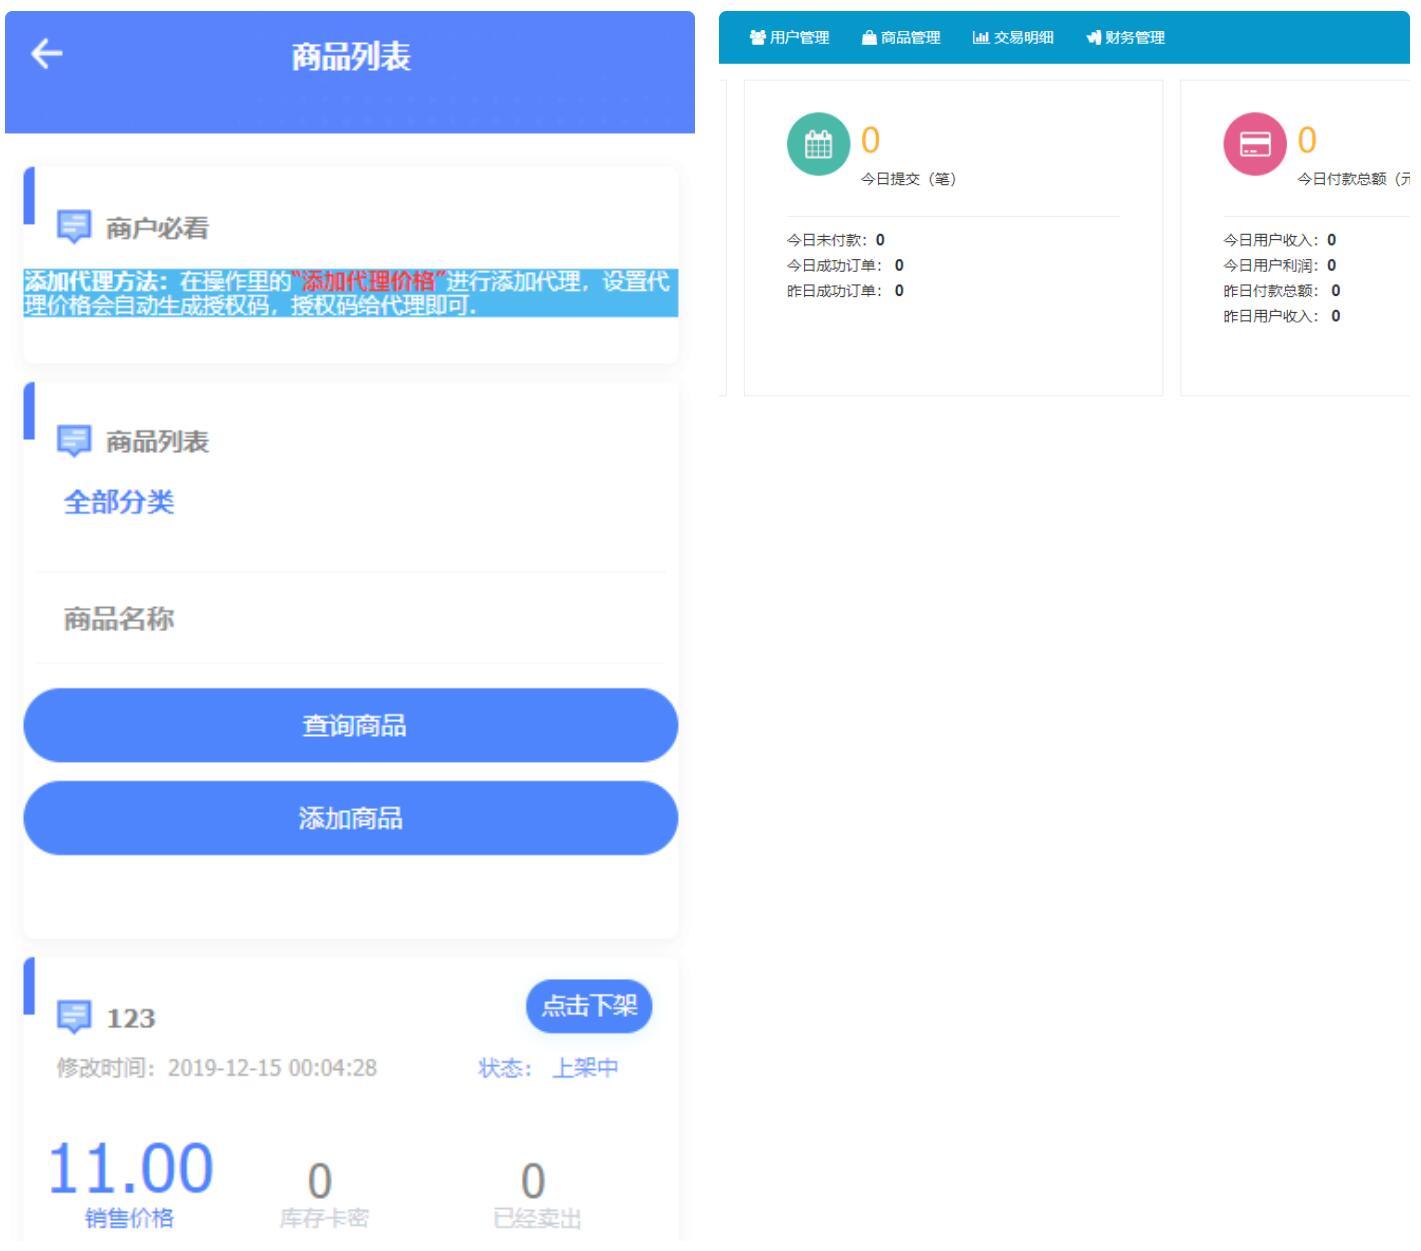 【自动发卡系统】企业商户运营版带WAP手机端[多种主题+亲测可用]-找主题源码